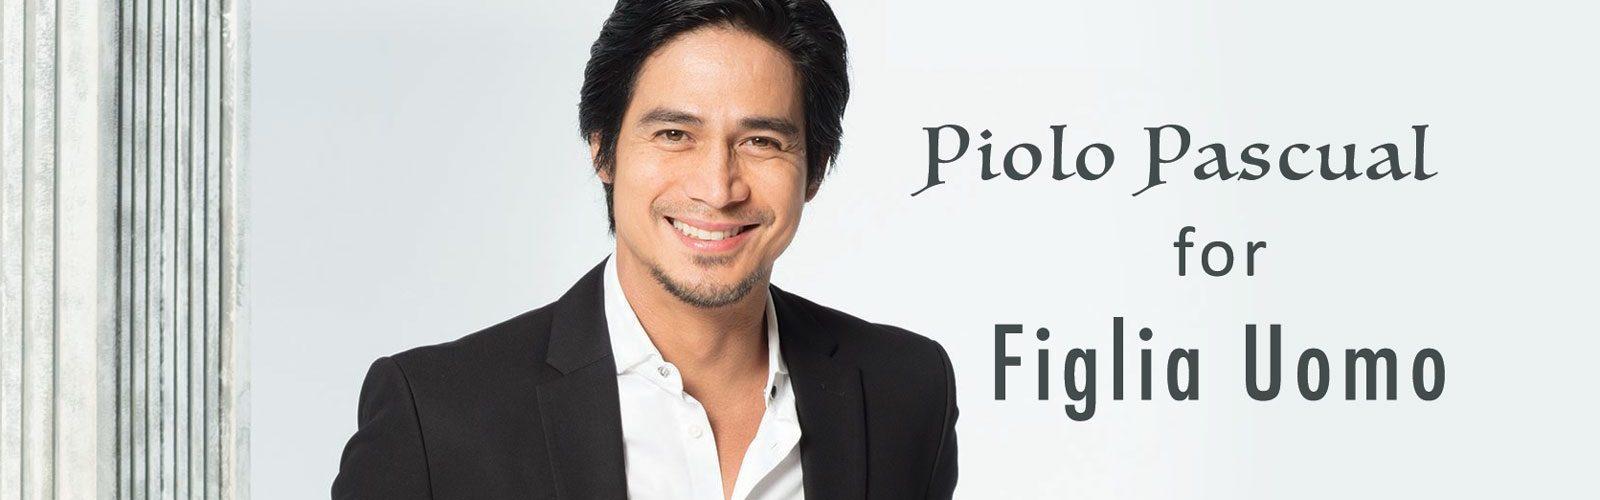 Piolo Pascual, brand ambassador for Figlia Uomo